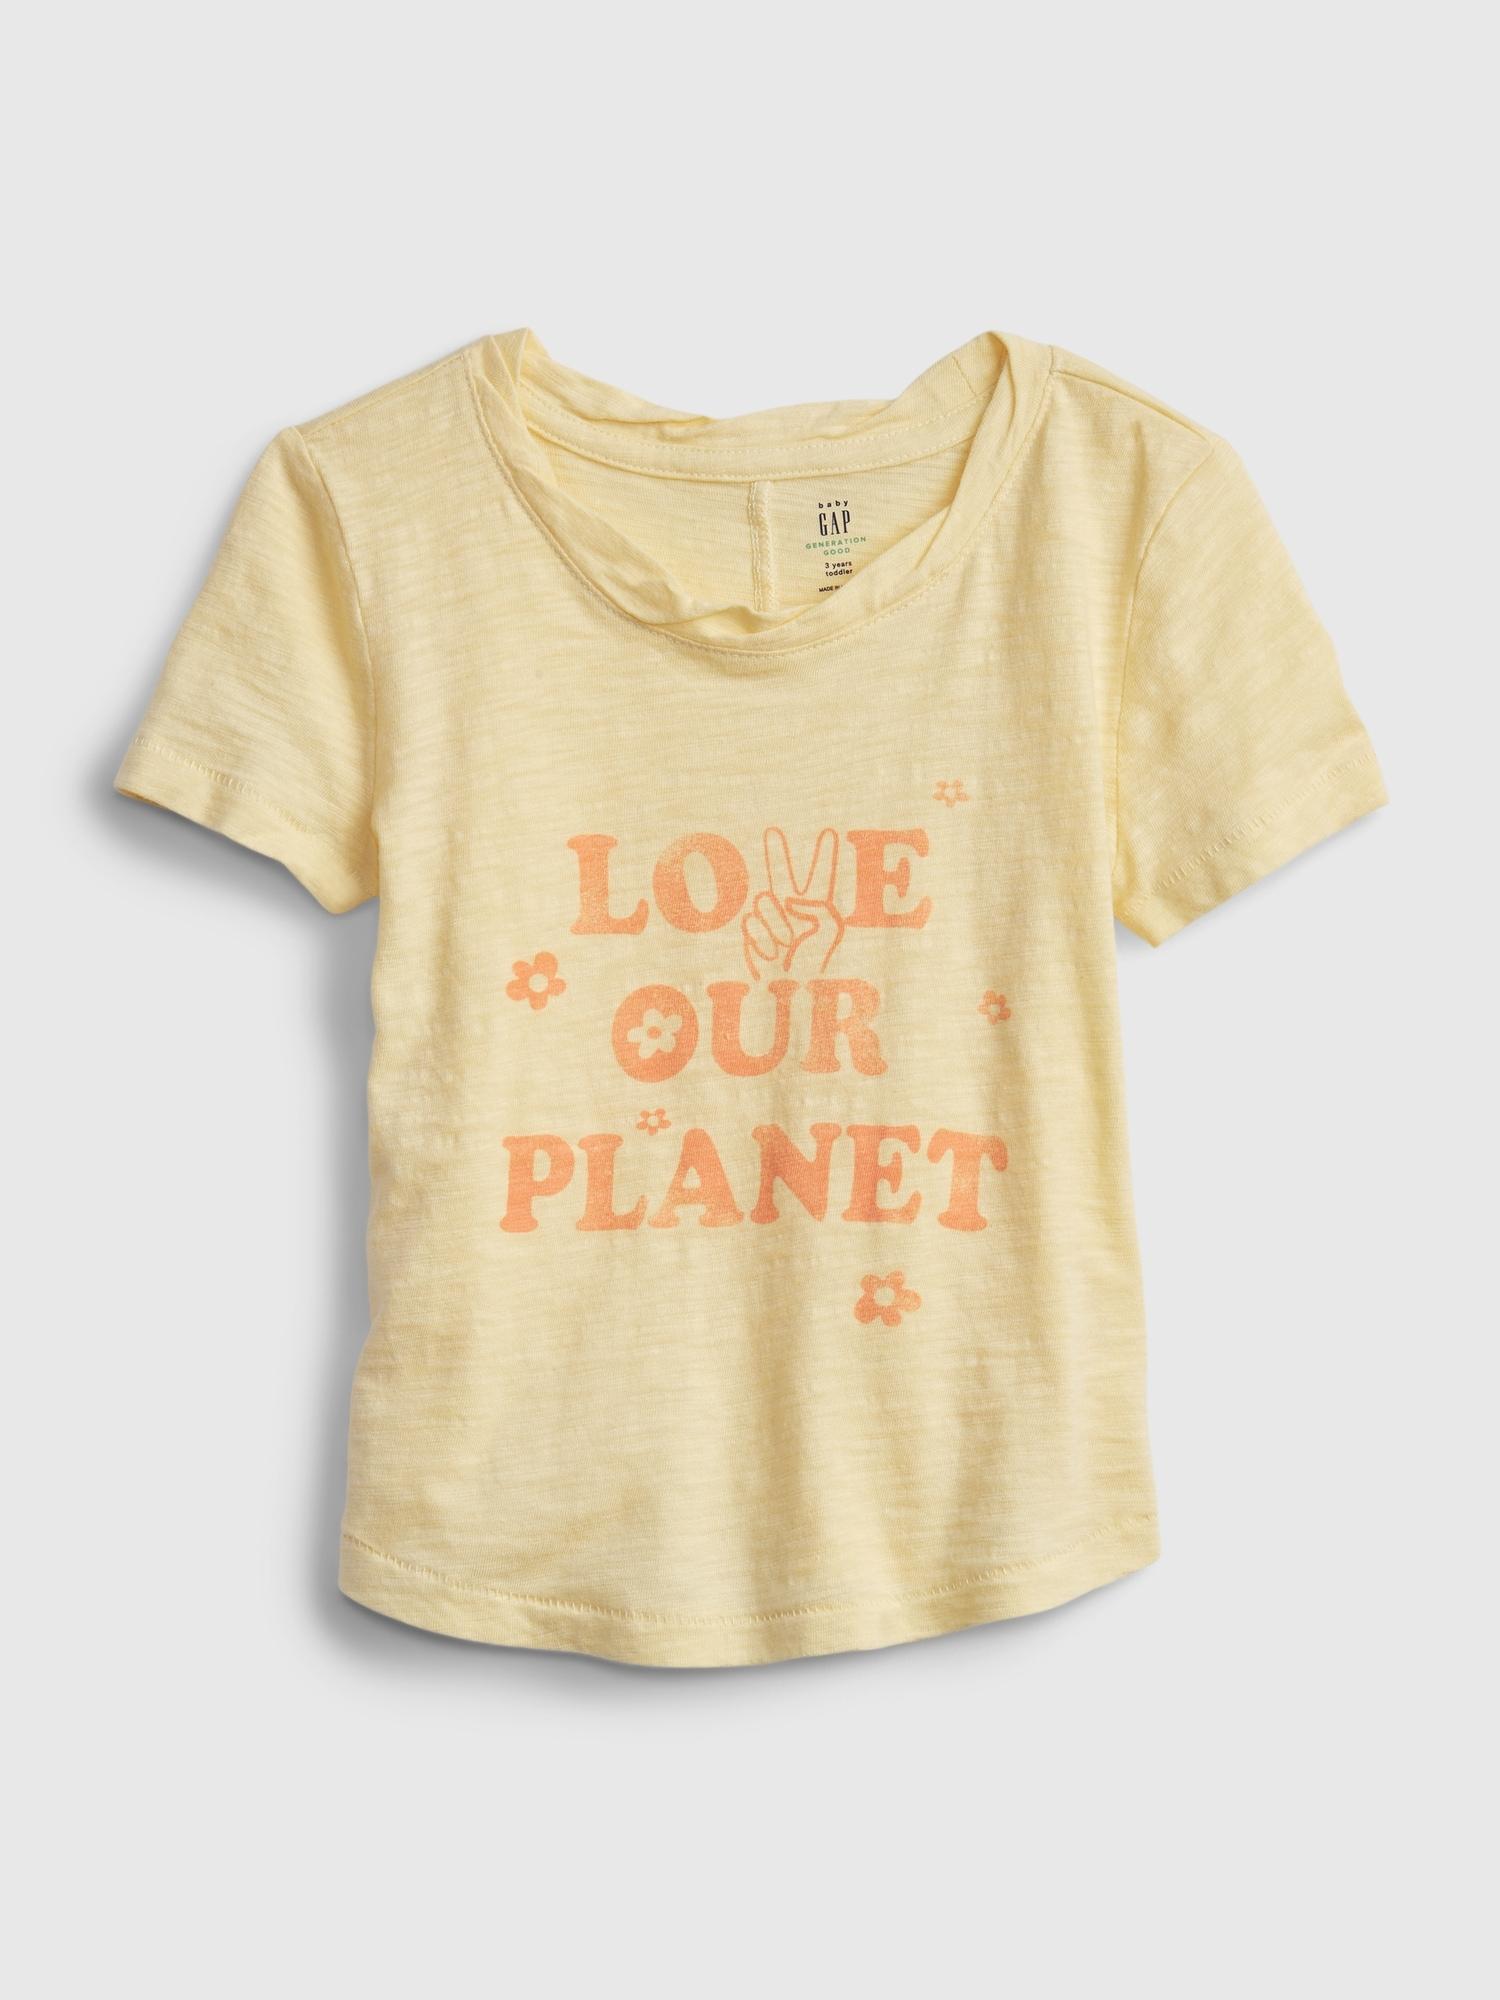 ジェネレーション・グッド グラフィック Tシャツ (幼児)